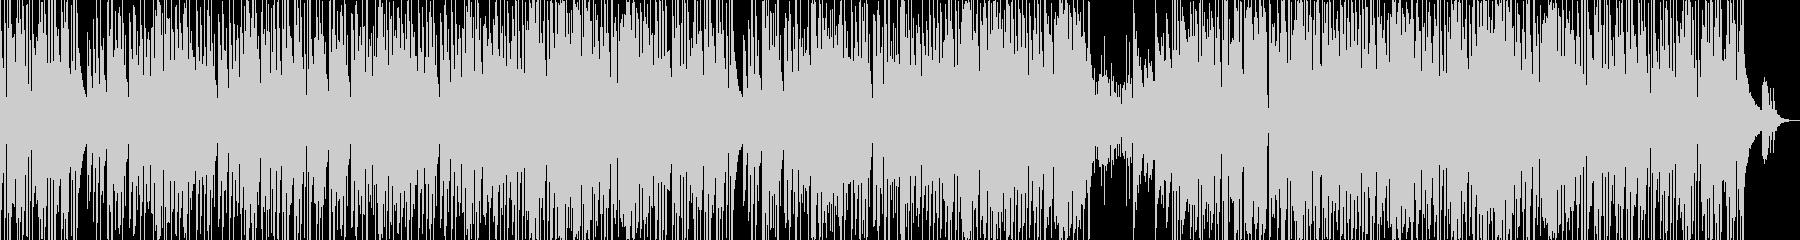 軽快なピアノのトリオジャズ風曲ですの未再生の波形